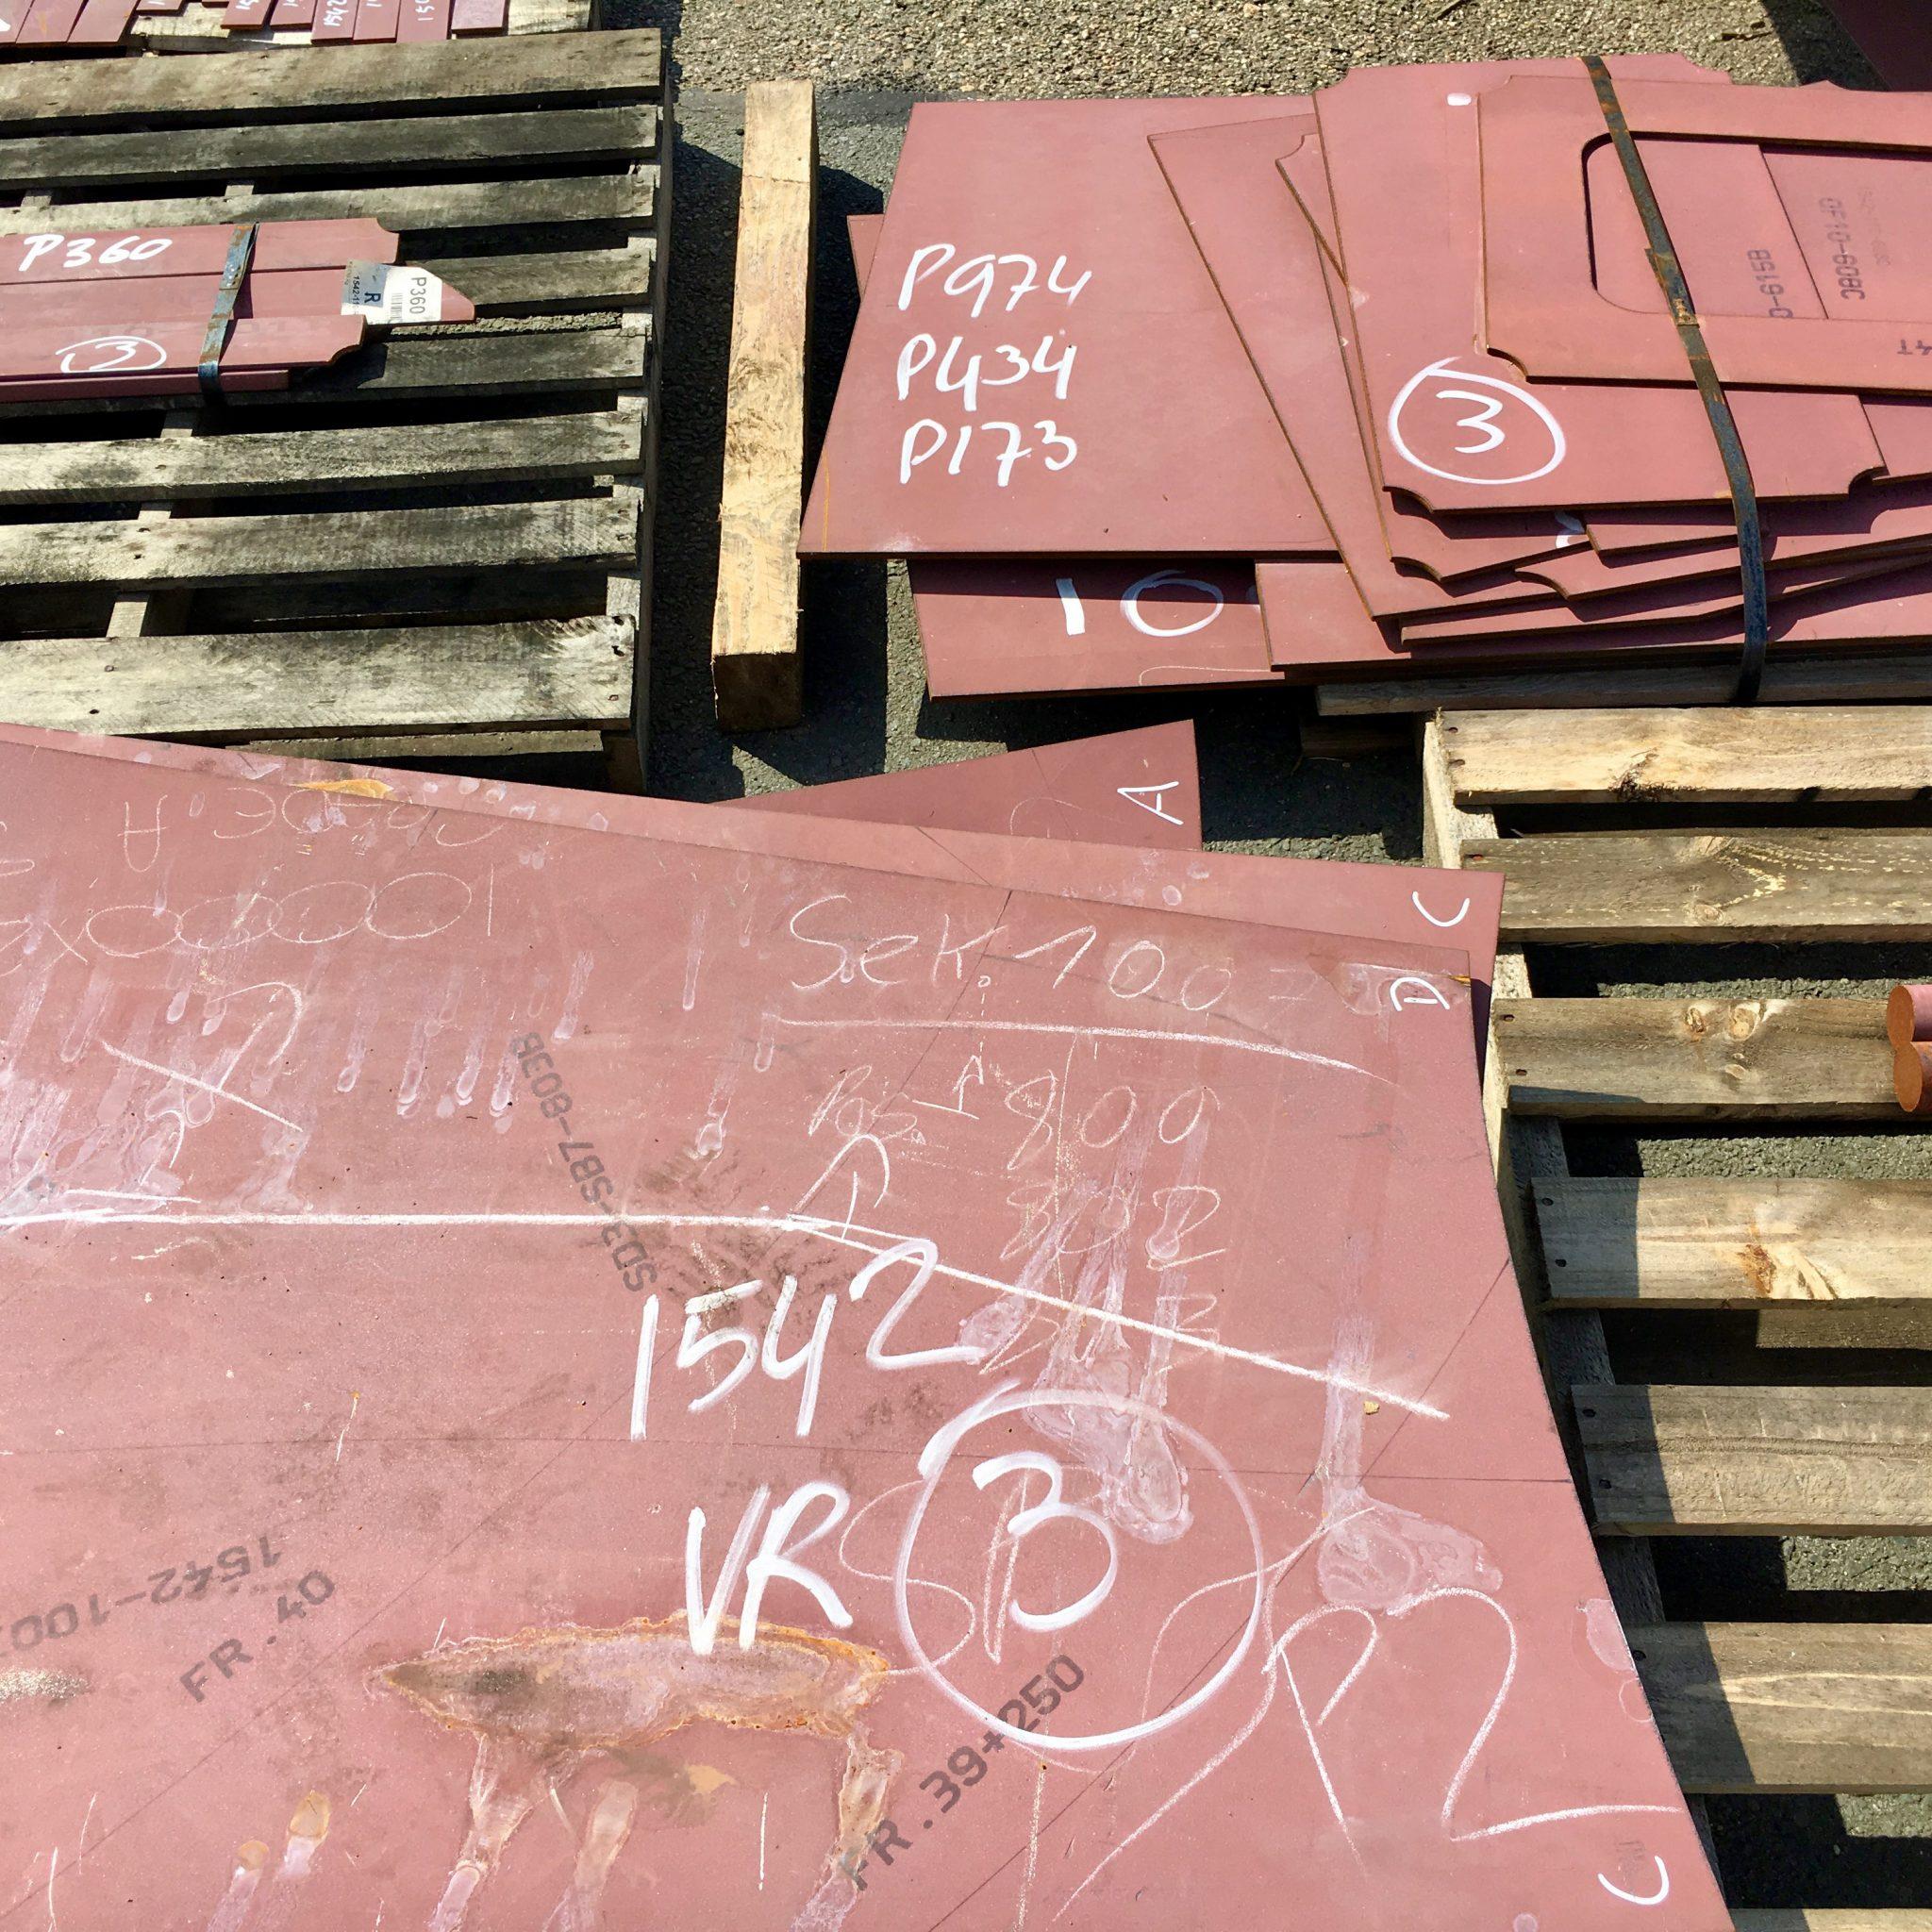 Centraalstaal levert gesneden en gebogen staalpakketten aan de Noordelijke scheepsbouwindustrie. (Foto Loek Mulder)